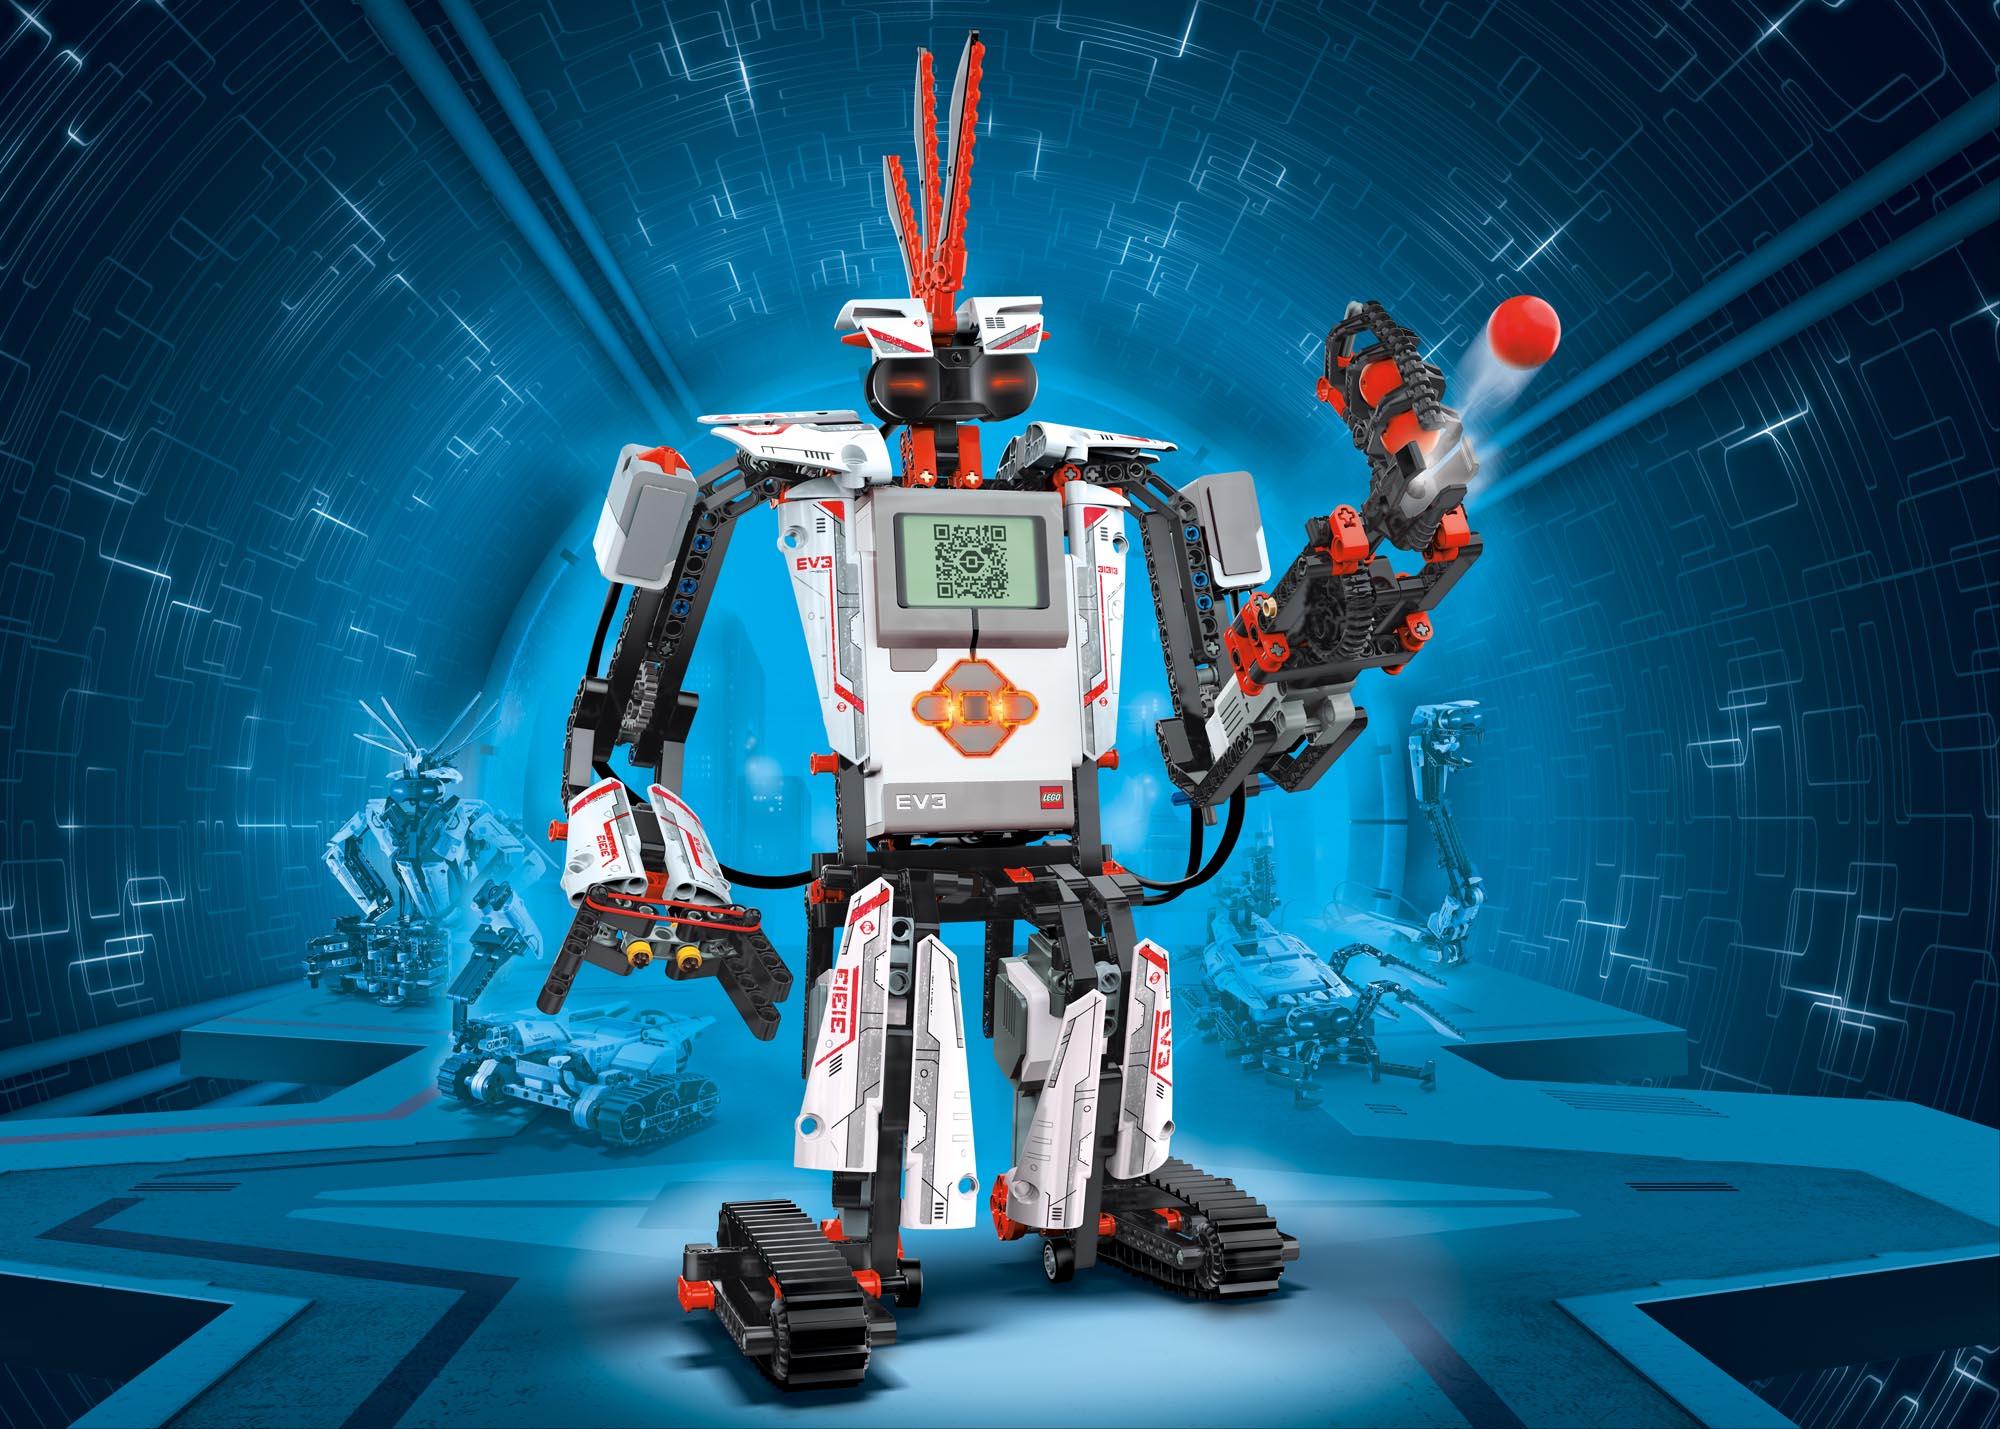 LEGO LOGO ROB  esse brinquedo  srio  linha EV3  TI